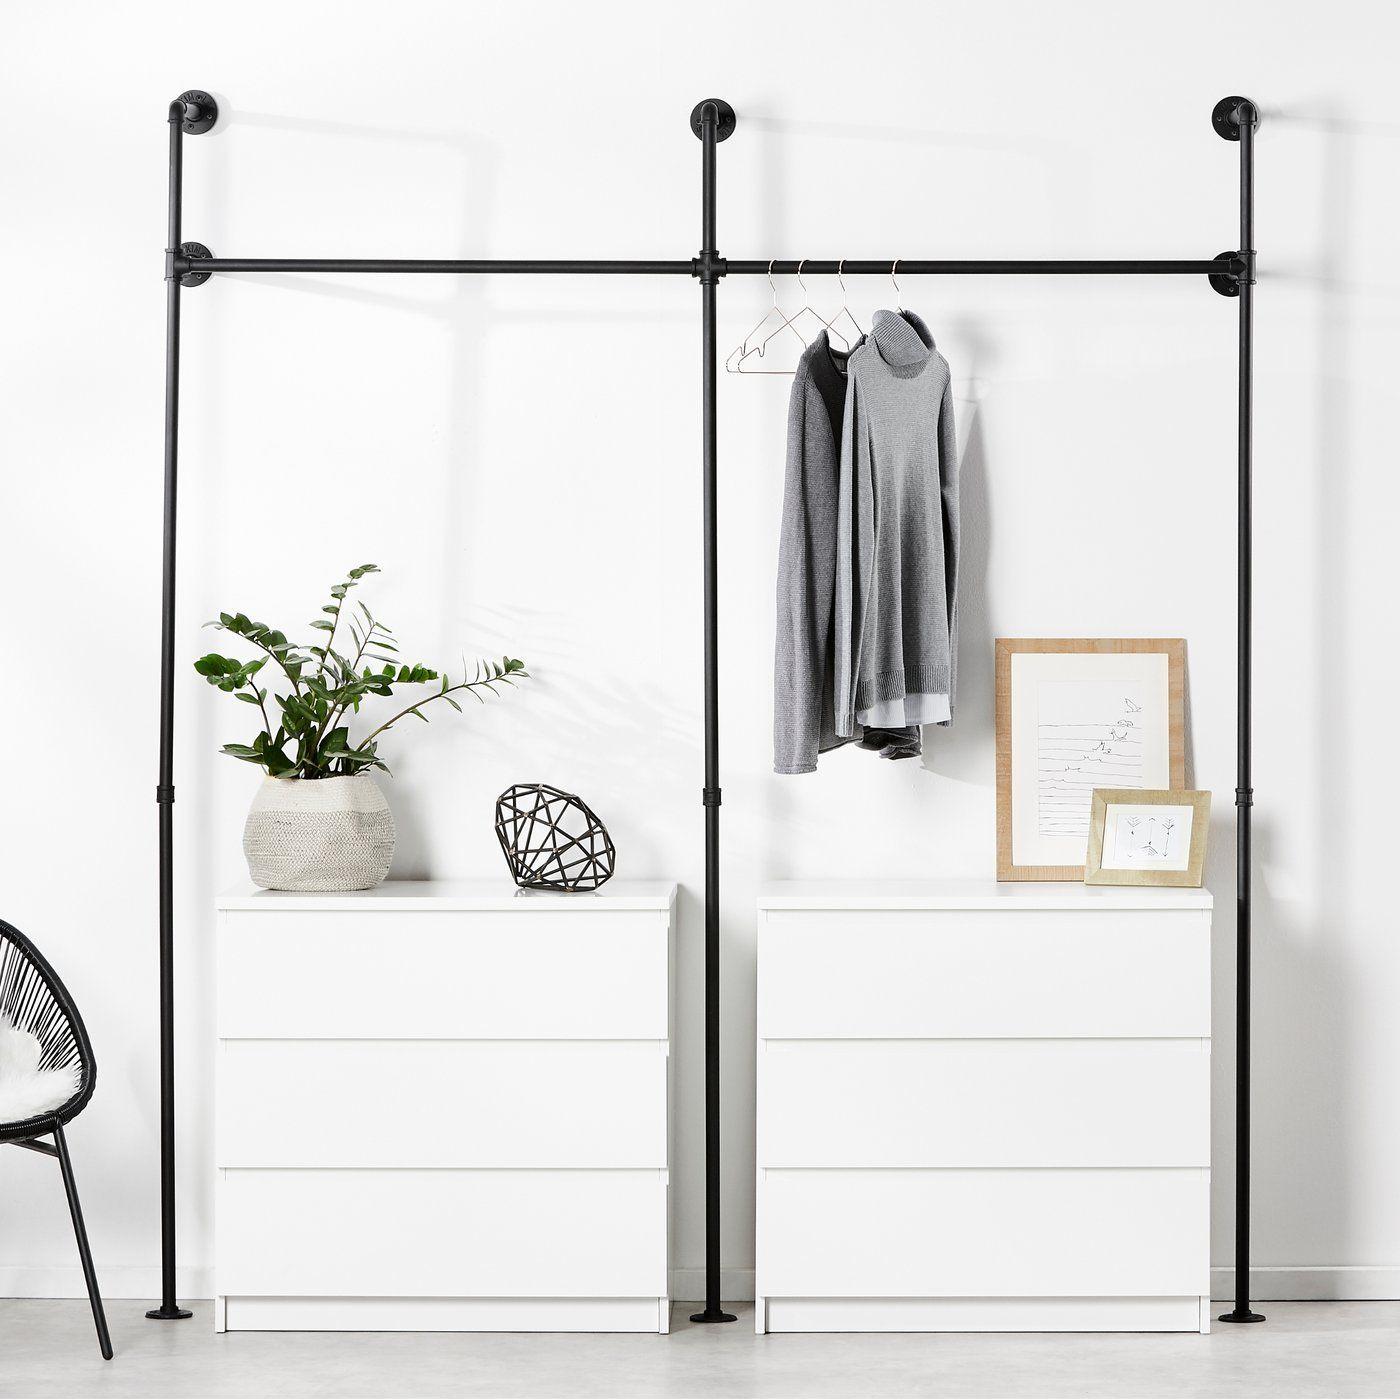 Kleiderstange Kim Ii Kleiderstange Kim Ii Pamo Design So Planen Sie Einen Praktischen In 2020 Kleiderschrank Selber Bauen Ankleidezimmer Selber Bauen Kleiderstange